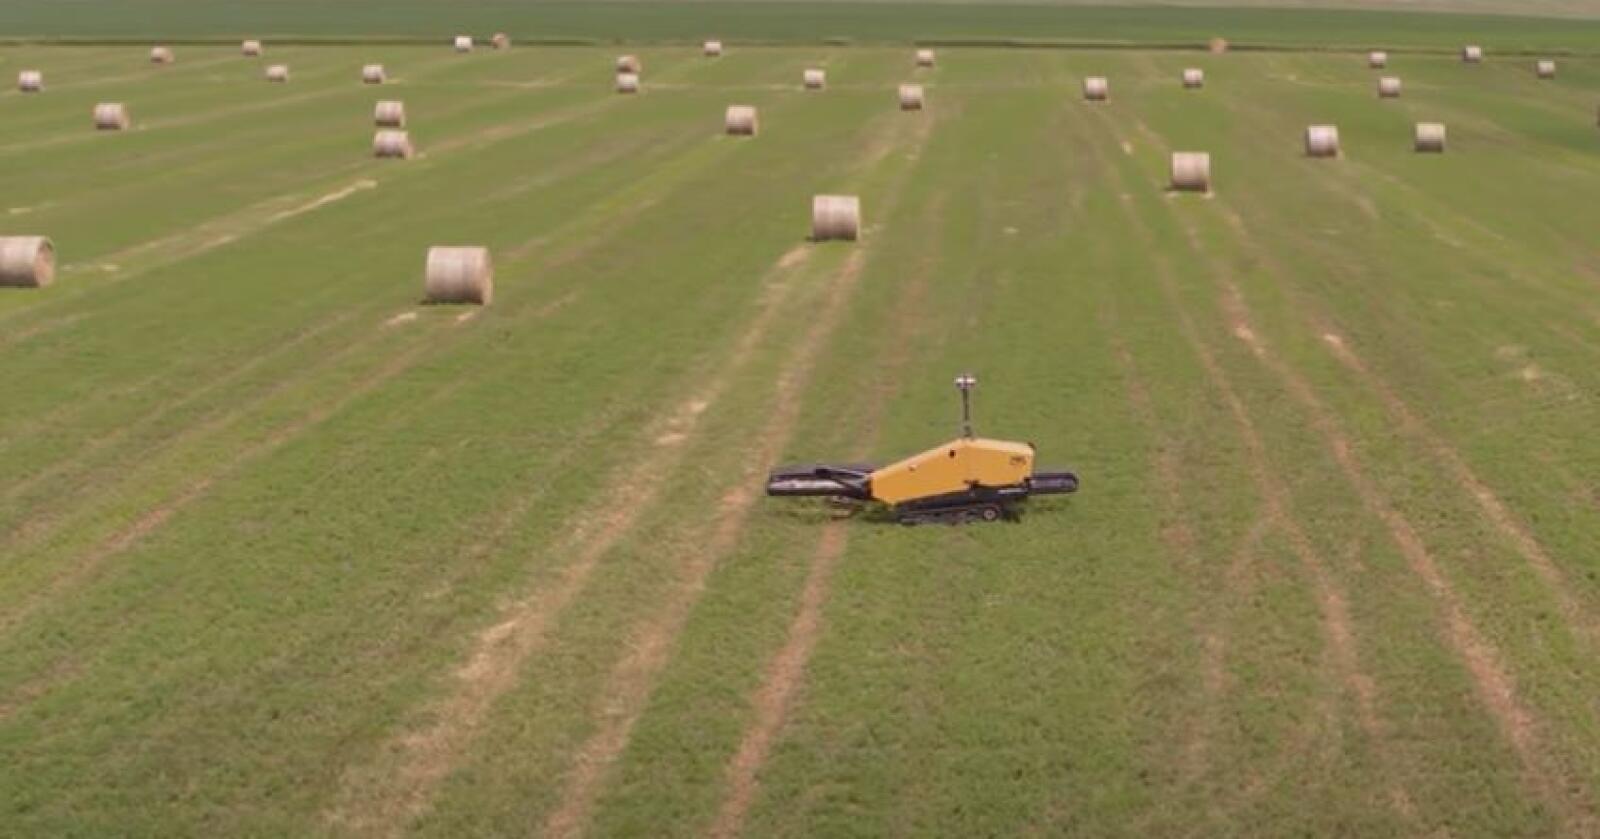 Autonom: Amerikanske Vermeer lager presser og annen redskap til grovfôrproduksjon. Nå har de utviklet en robot for håndtering av rundballer. Skjermdump: Youtube